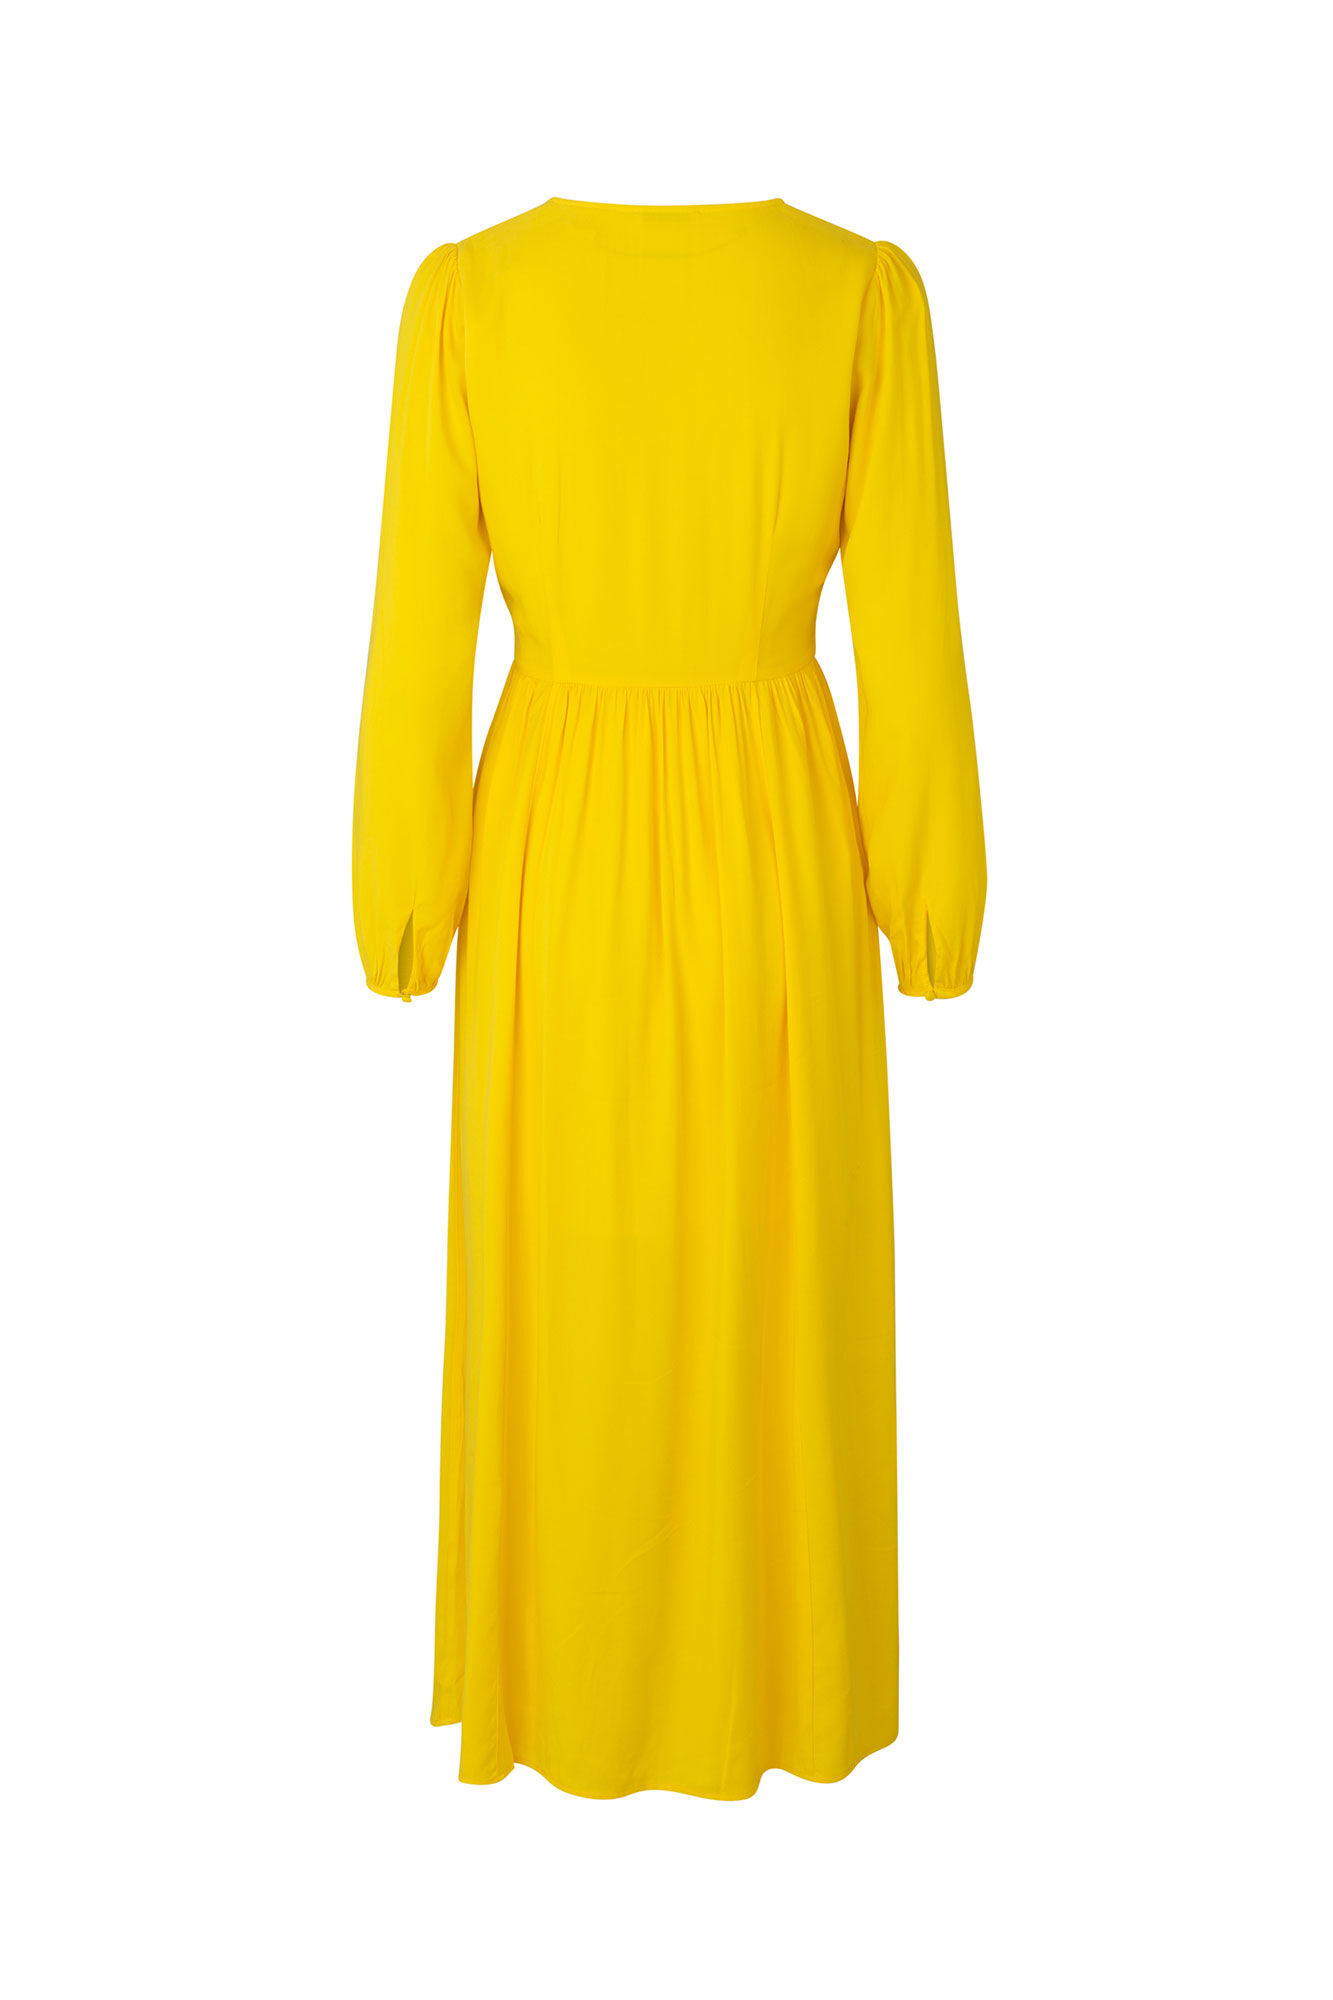 De-clover l dress 8056